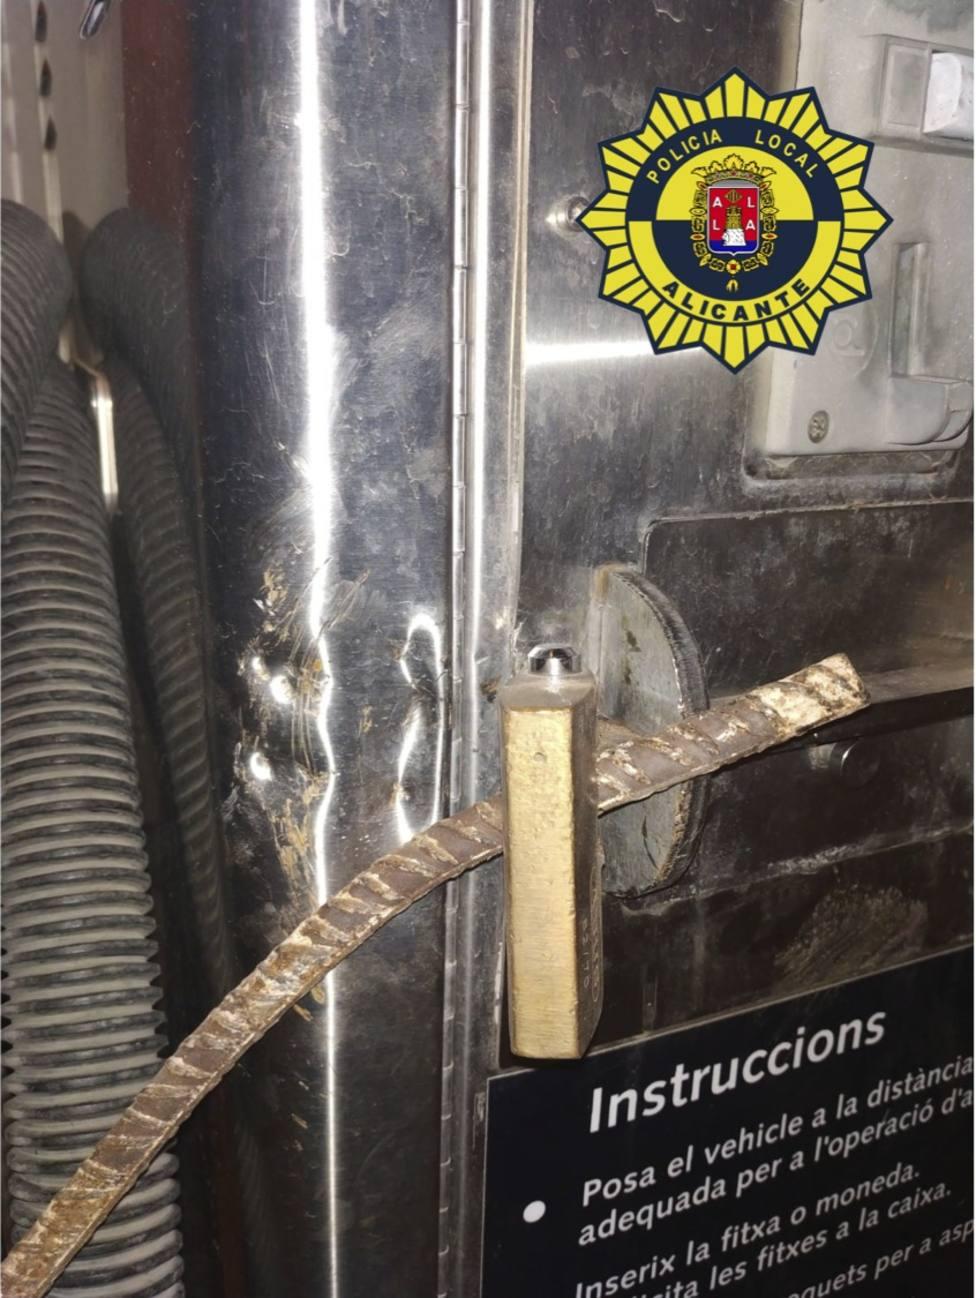 El hombre utilizó una barra de hierro de 65 centímetos de longitud (Ayuntamiento de Alicante)